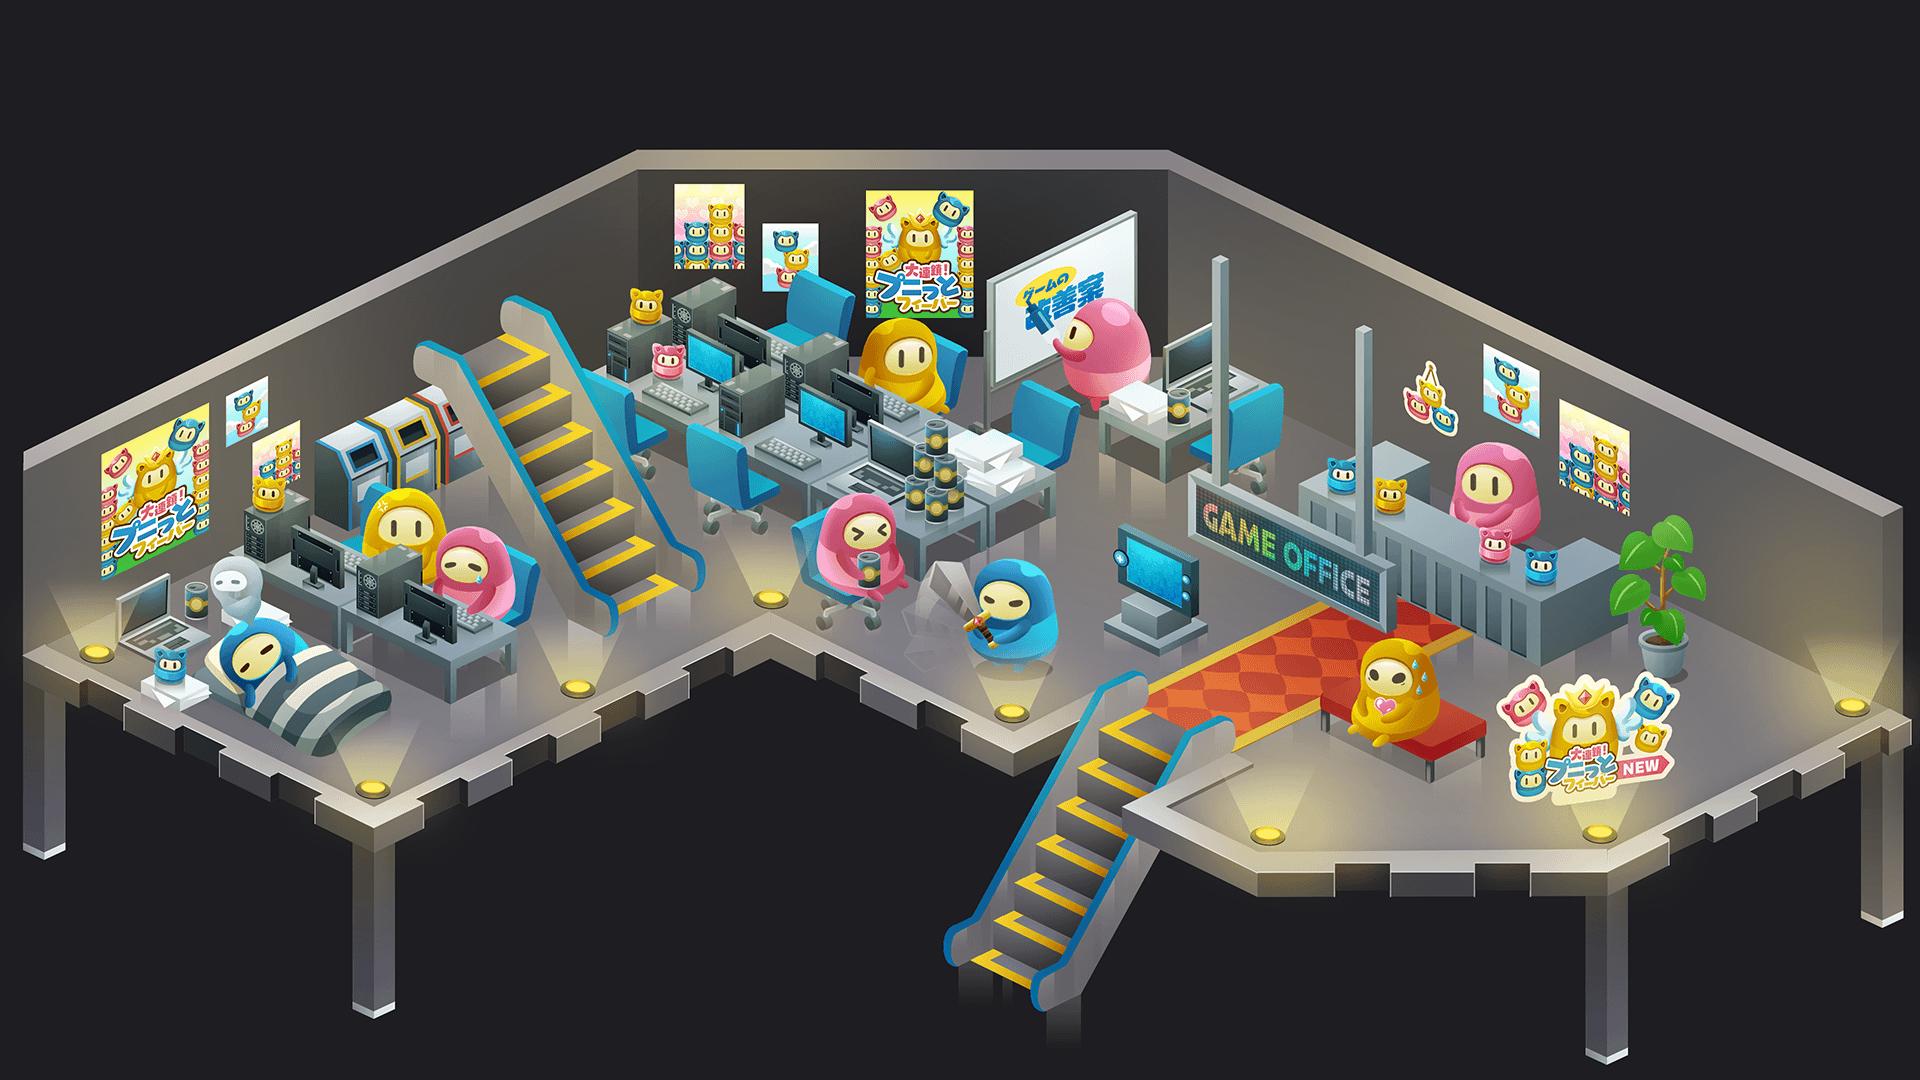 ゲーム会社オフィスエリア全体